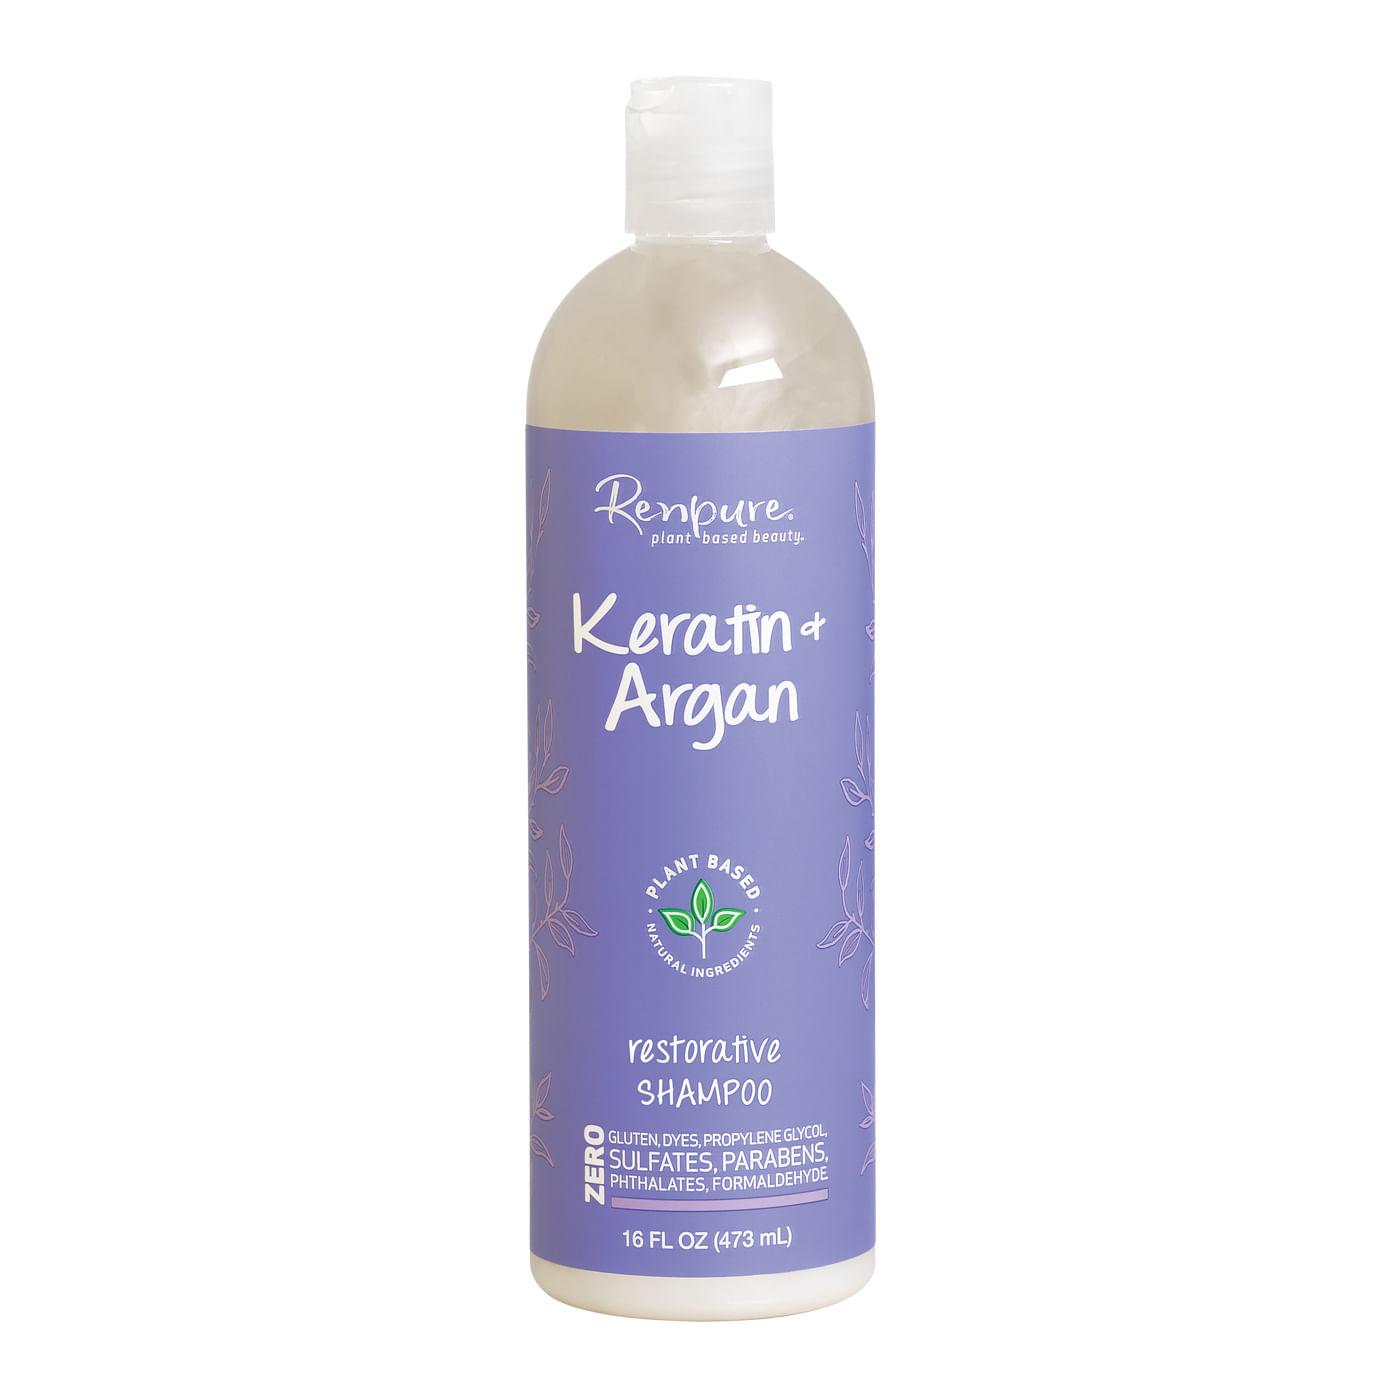 Shampoo Renpure Keratin Argan 16oz